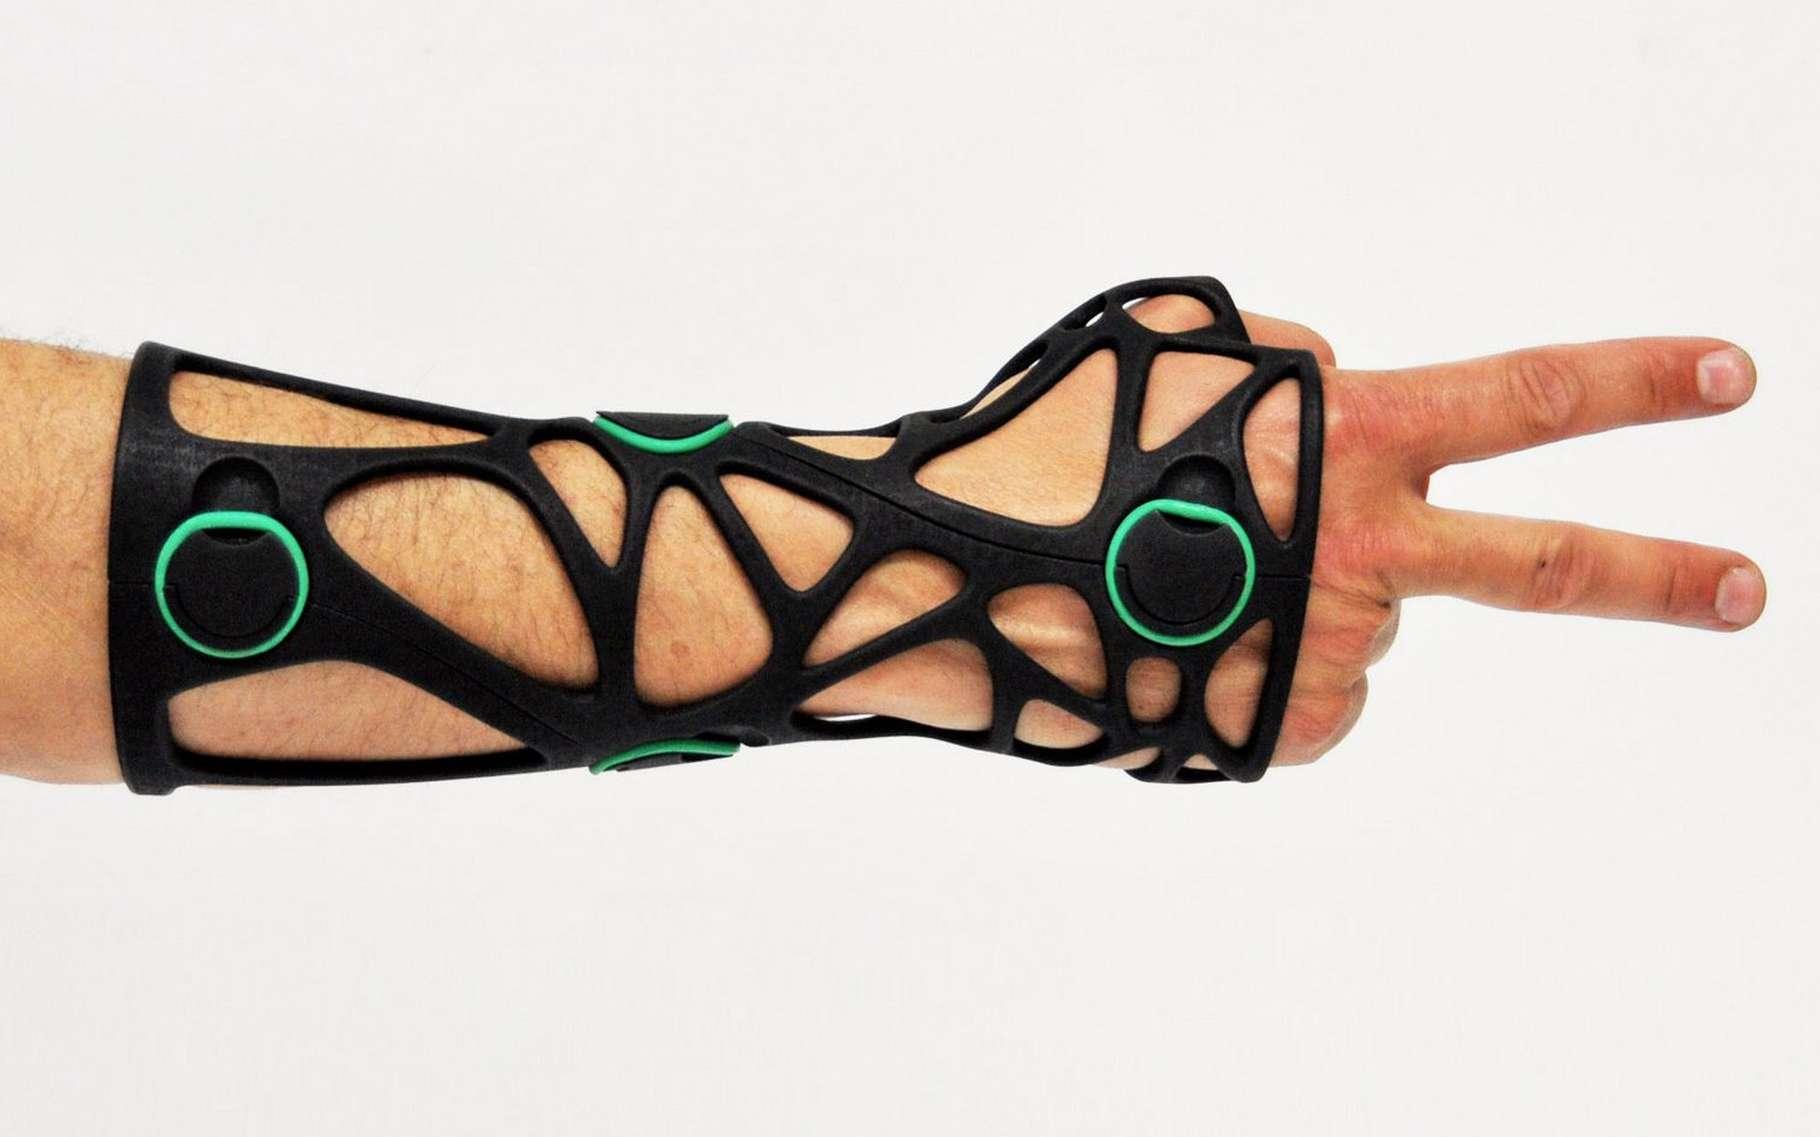 La technique de fabrication des plâtres médicaux a peu évolué. L'impression 3D ouvre une piste très prometteuse pour apporter plus de confort aux patients souffrant de fractures. © Xkelet